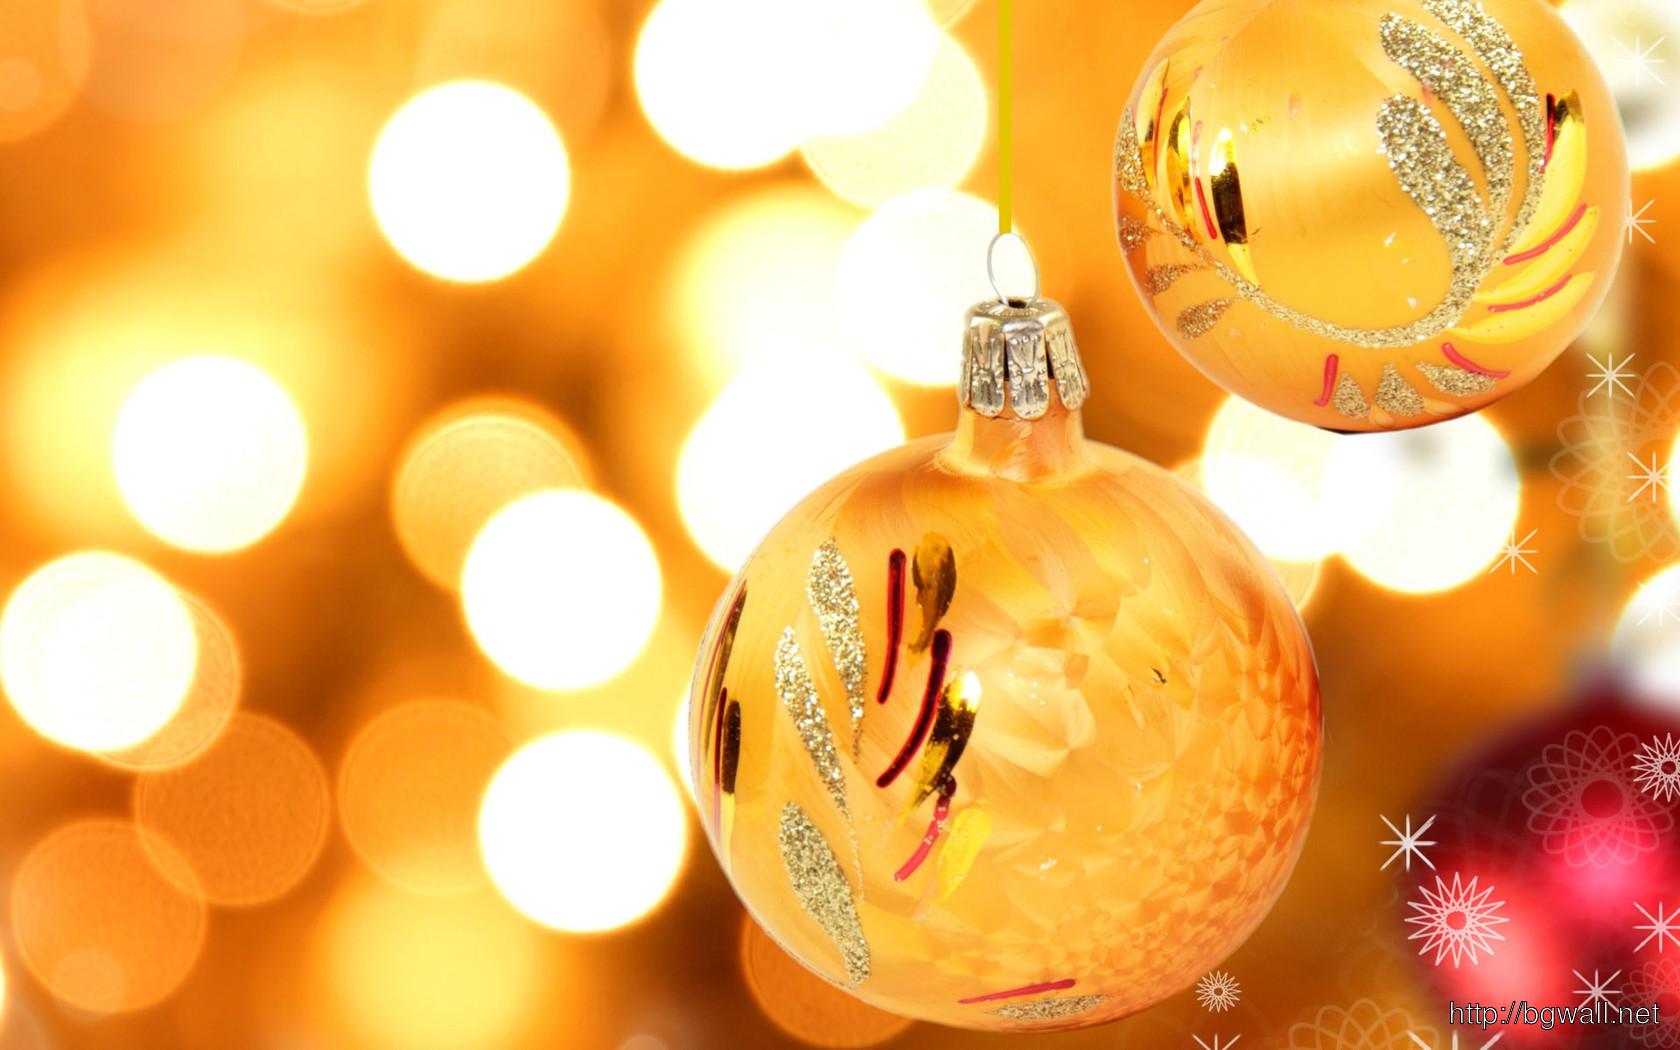 Christmas Ornament Wallpaper 14067 Full Size